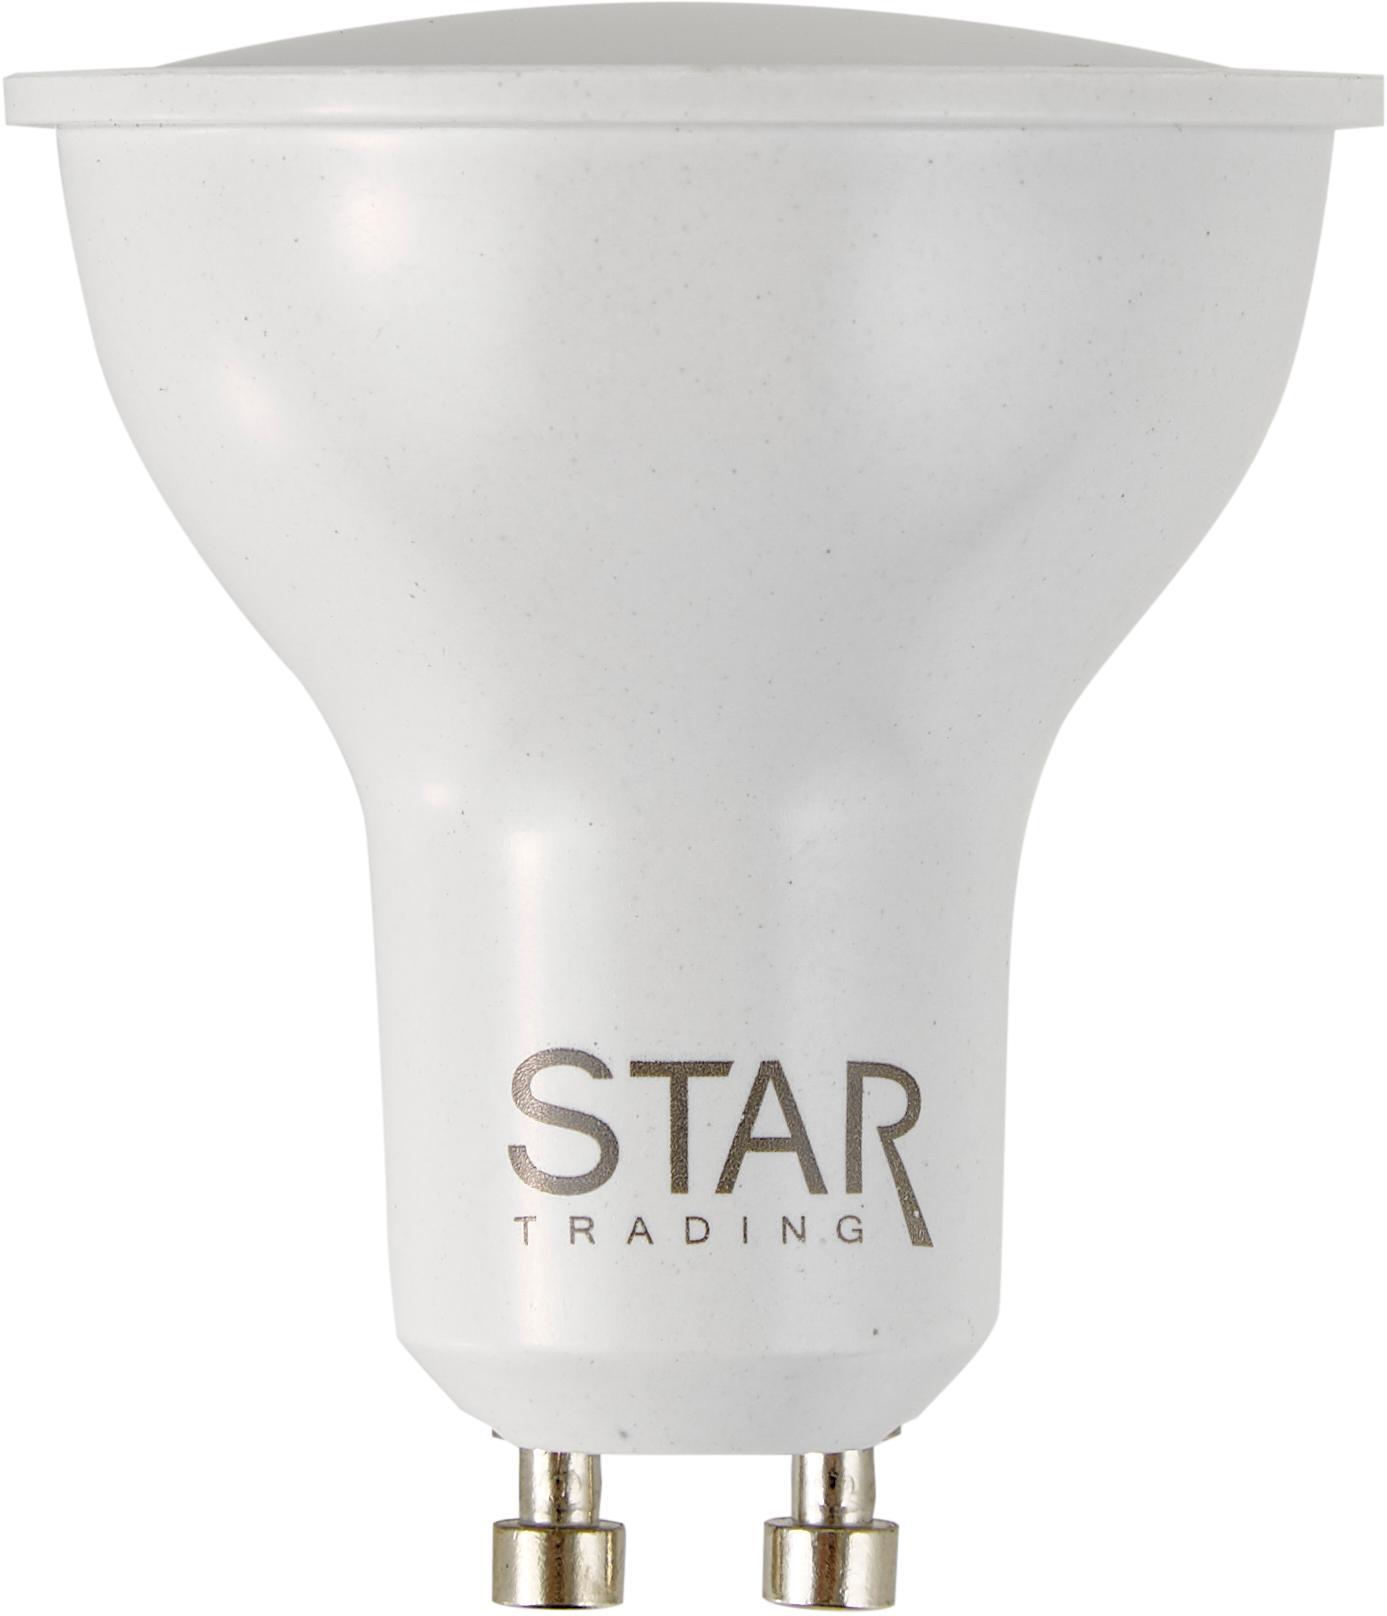 Żarówka LED z funkcją przyciemniania Dim To Warm (GU10/5,5W), Biały, Ø 5 x W 6 cm